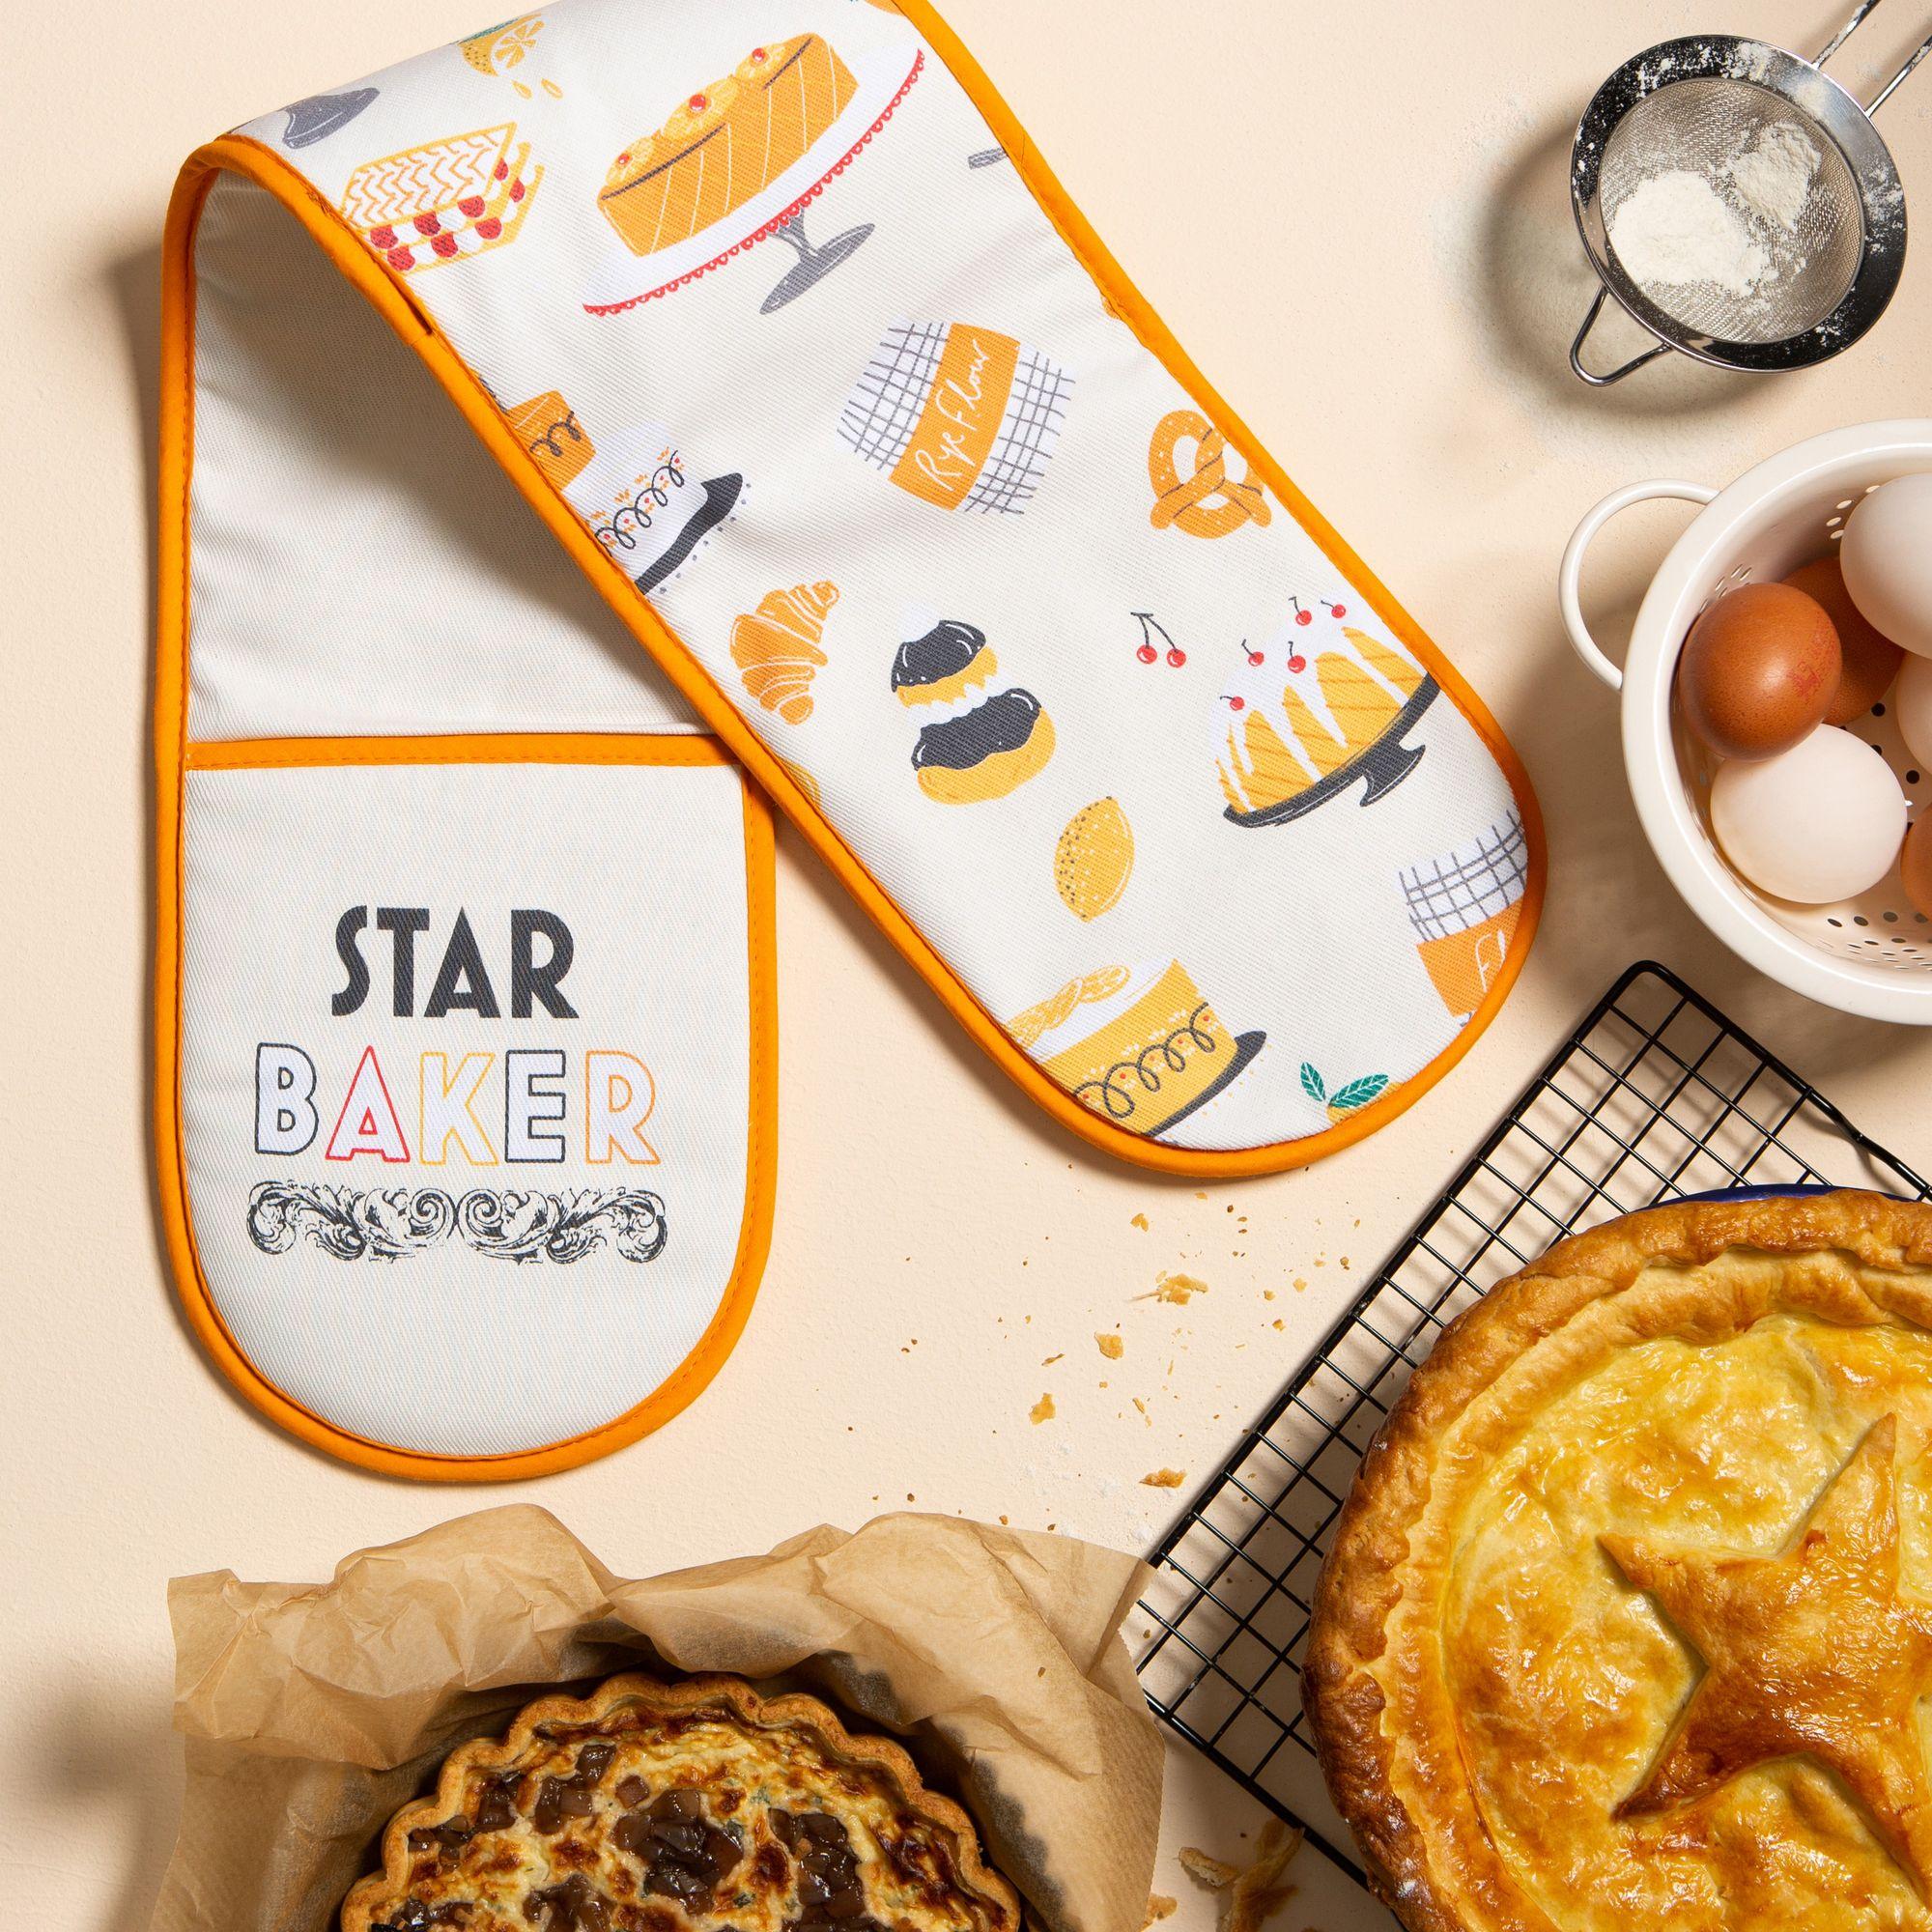 GBBO-StarBaker-OvenGloves-su2c.org.uk-2